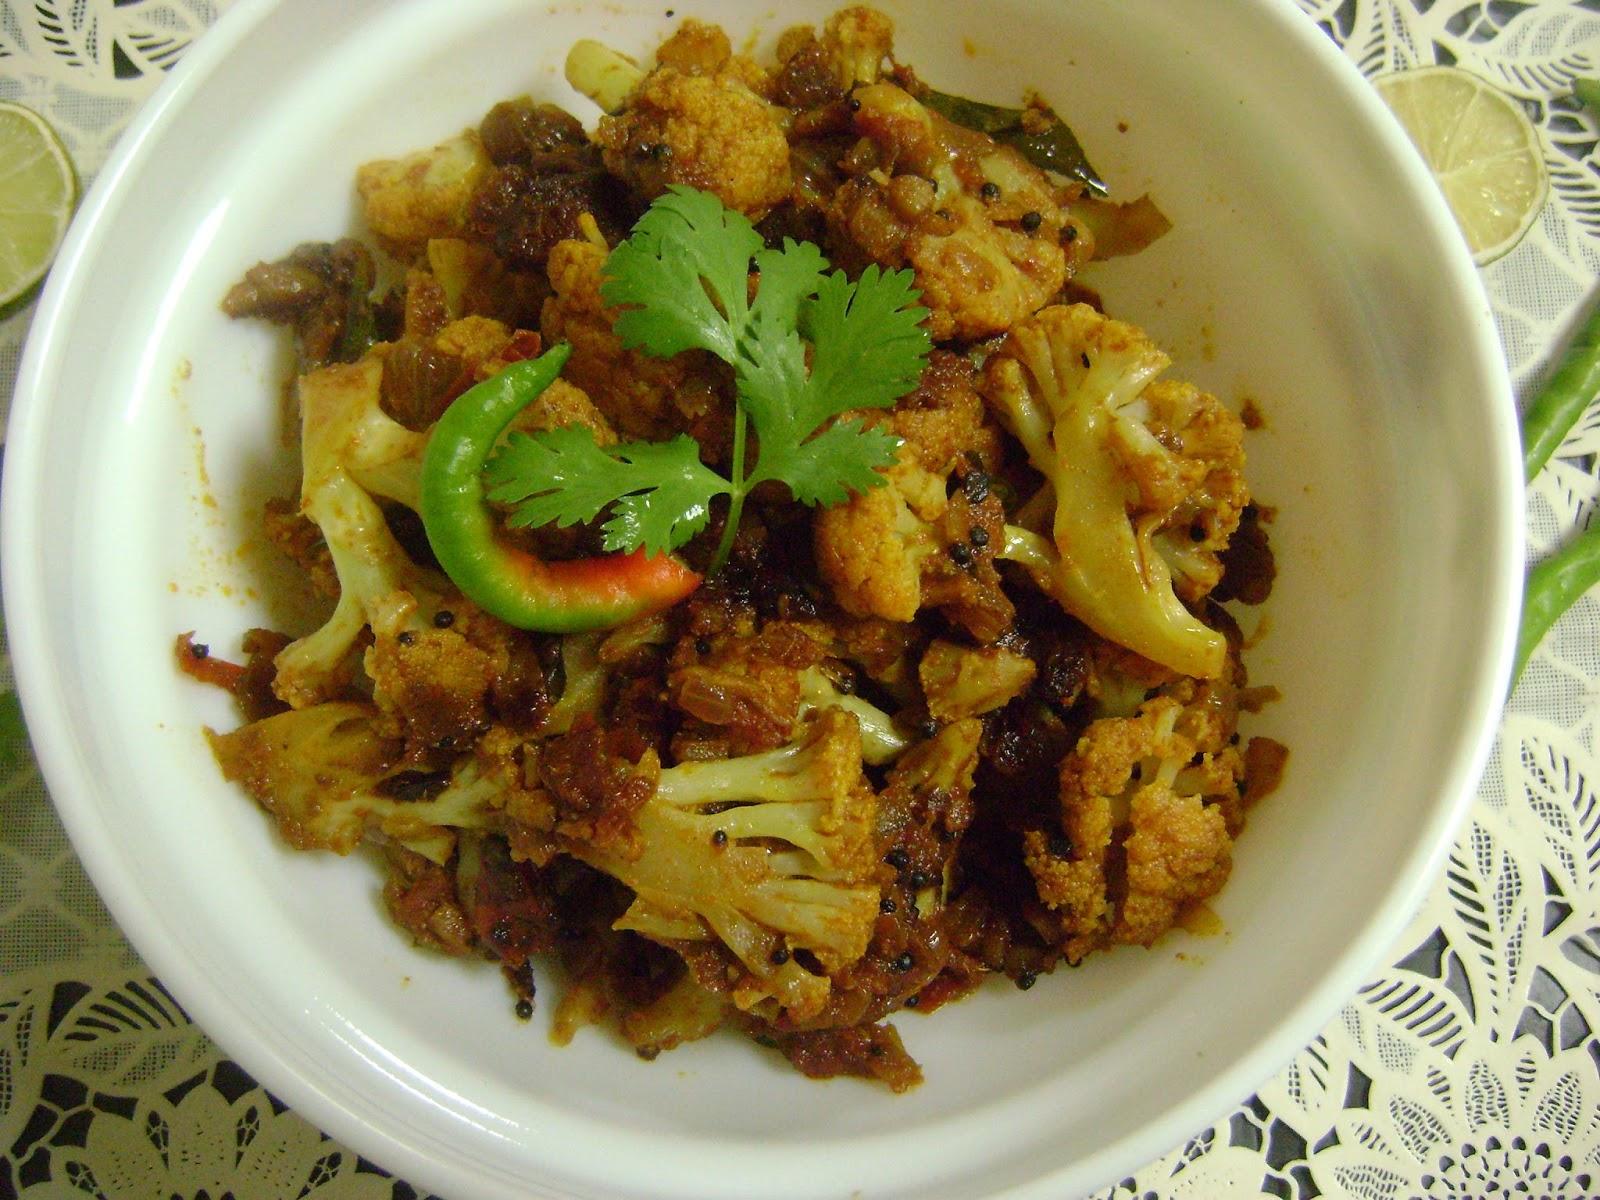 Bethica's Kitchen Flavours: Spicy Cauliflower Stir Fry